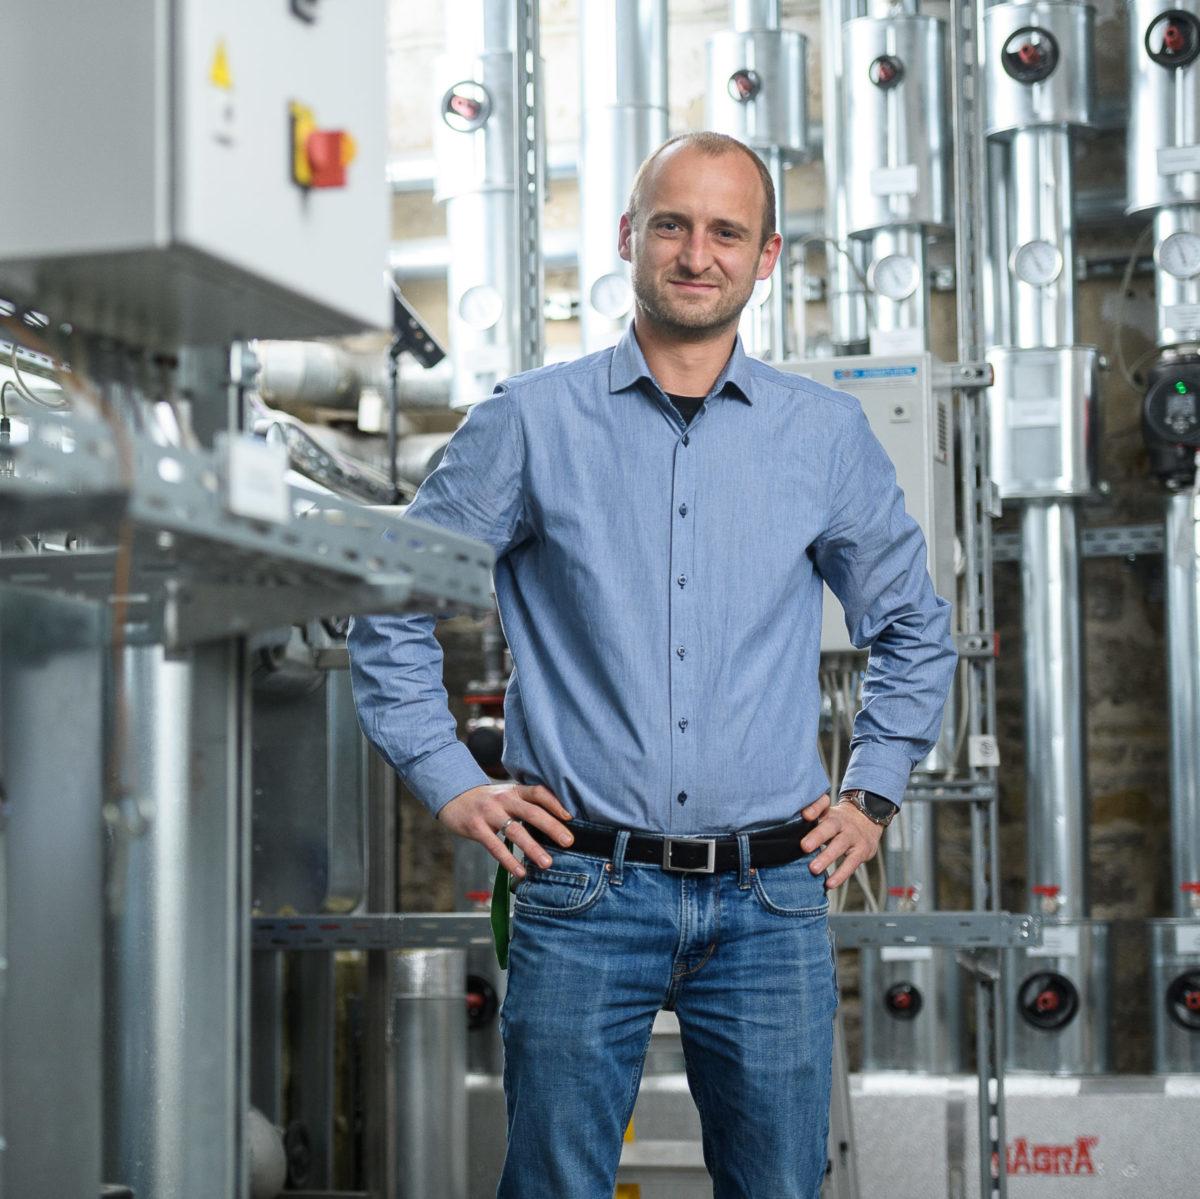 Markus Kobold, SHK-Meister, Meister für die Abteilung Heizung, Lüftung und Kälteanlagen im Heizungsraum des UKWs